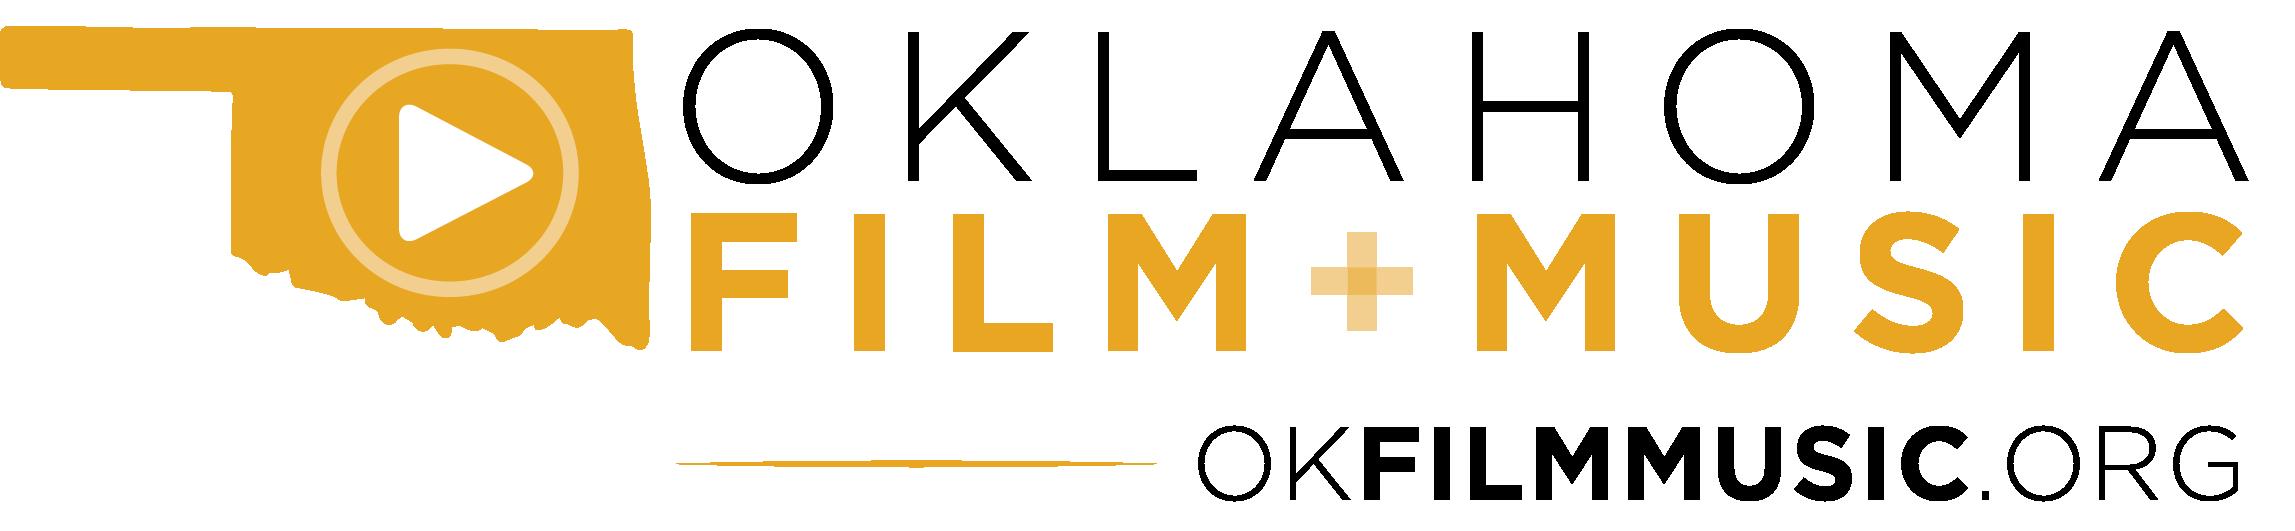 Oklahoma Film & Music okfilmmusic.org